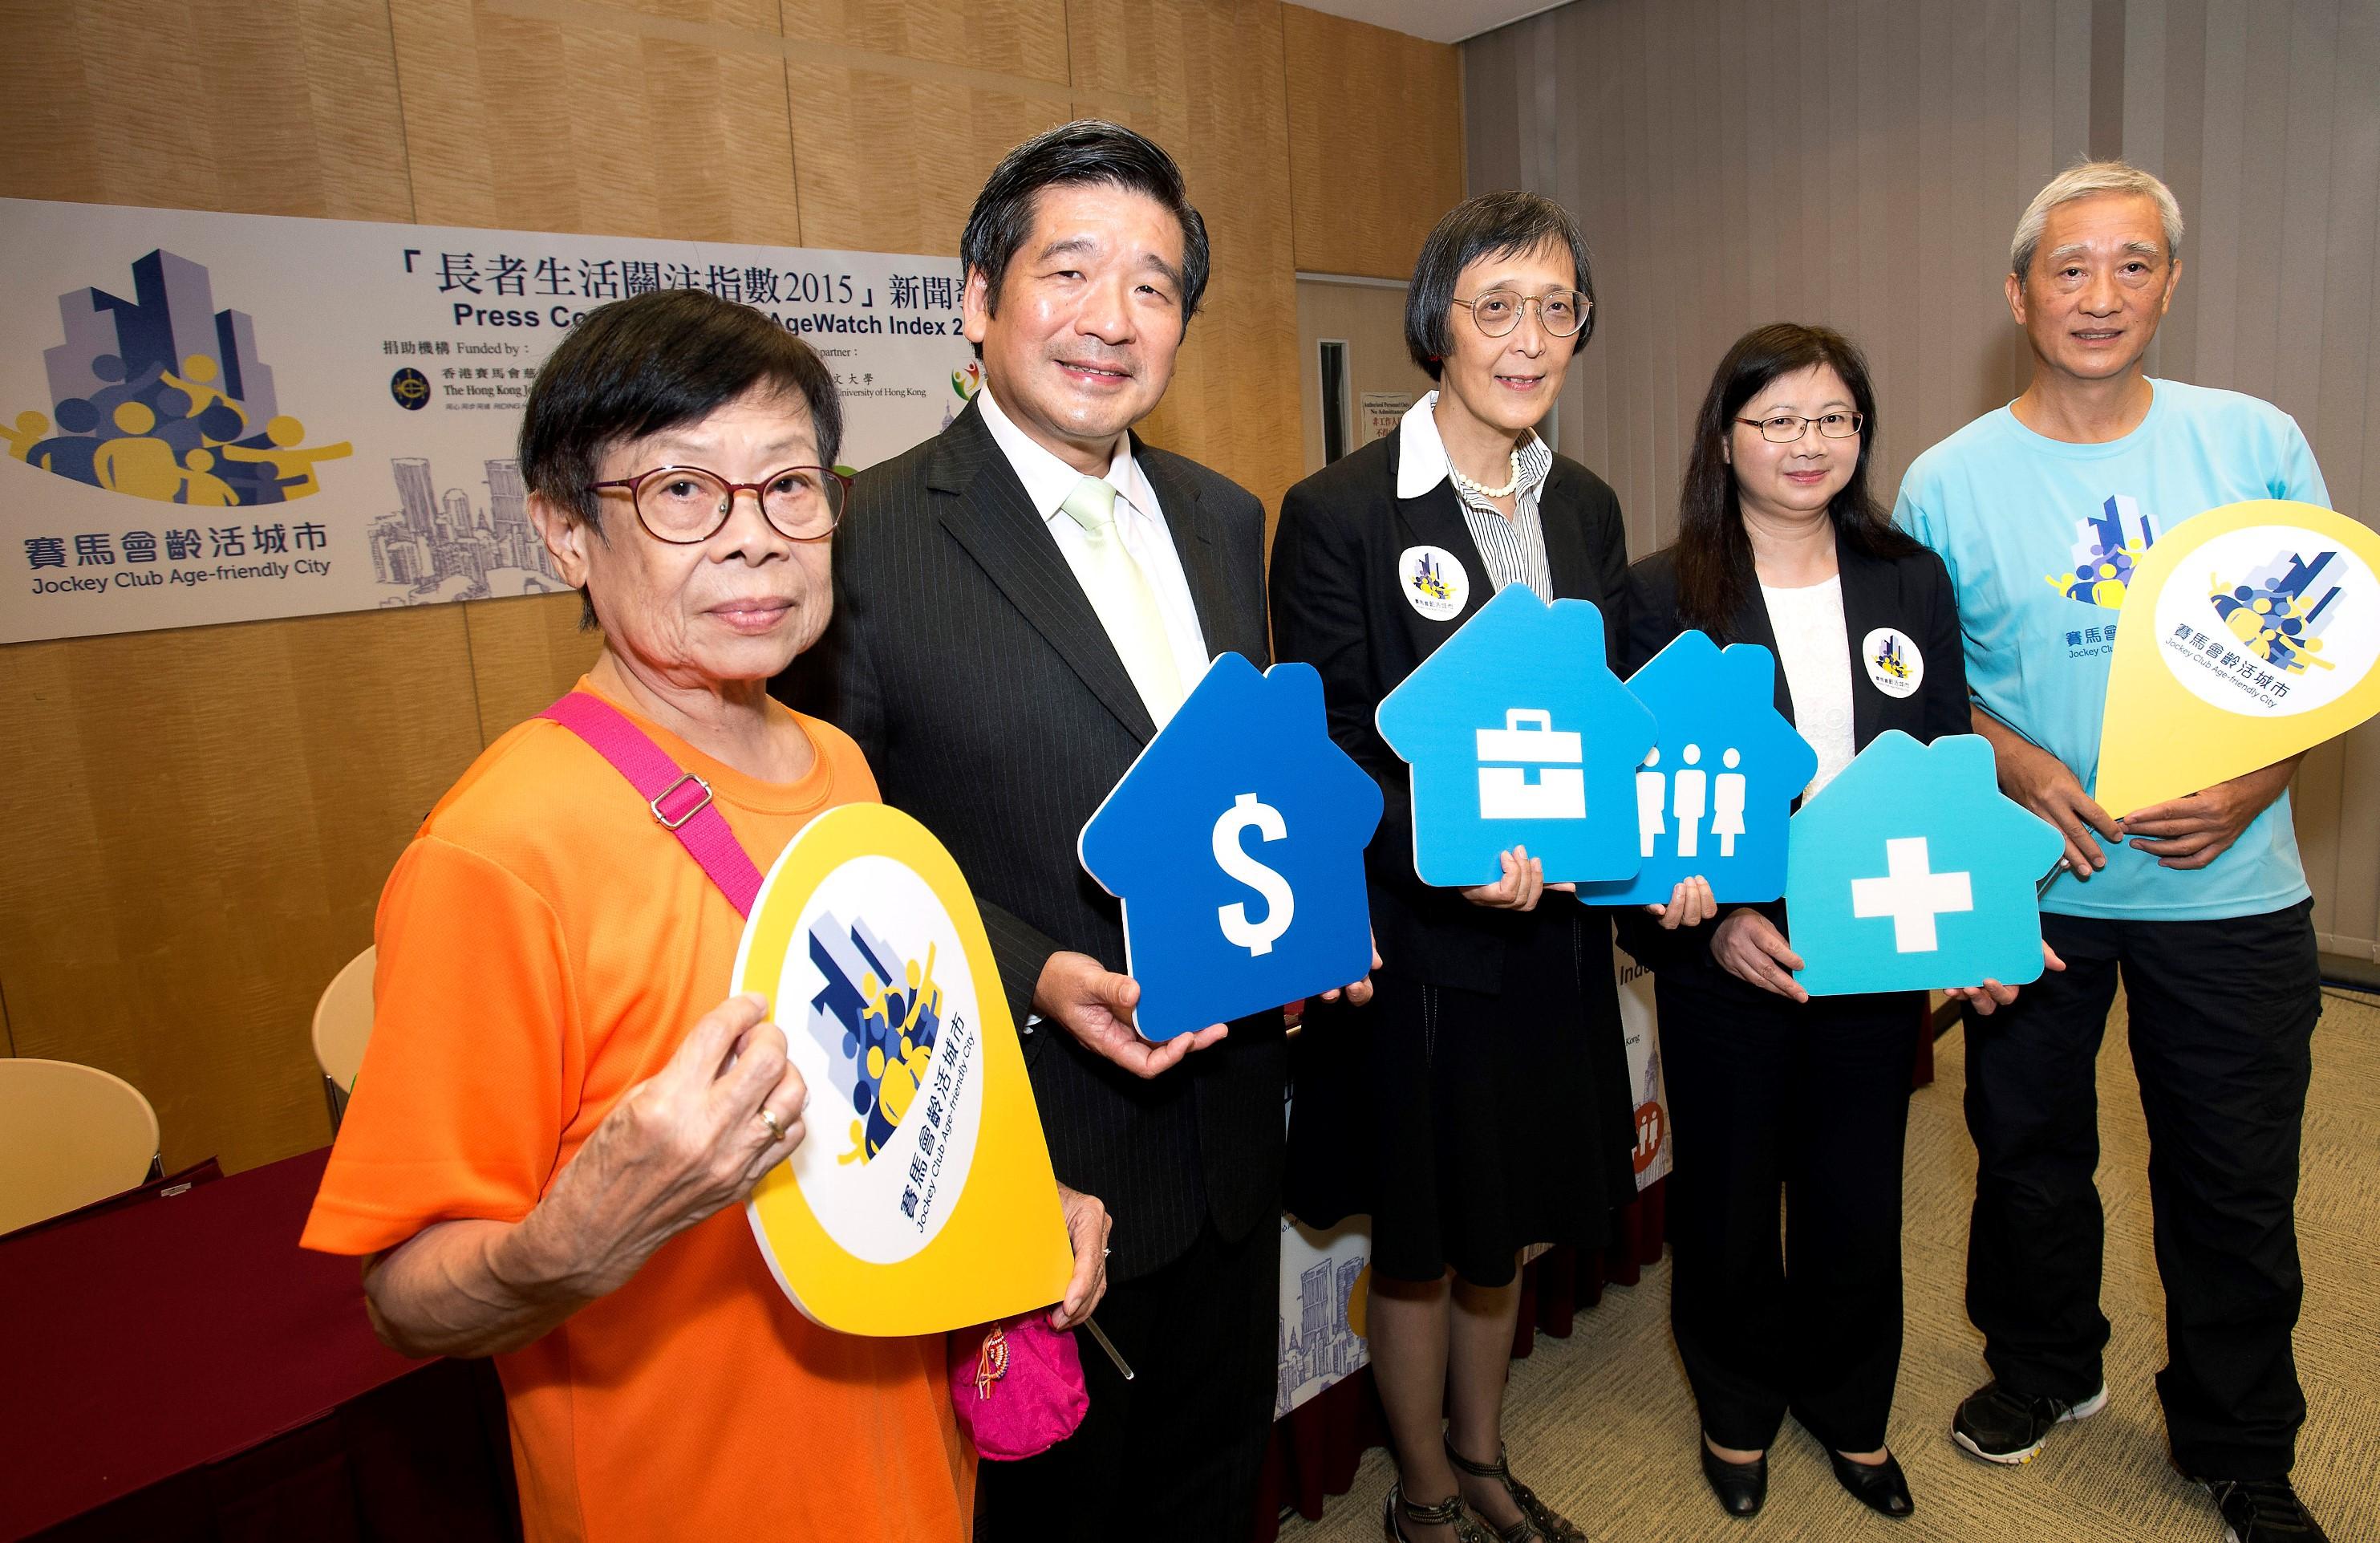 (左二至四)中大賽馬會老年學研究所管理委員會成員黃洪教授、研究所所長胡令芳教授和香港賽馬會慈善事務部主管(長者、復康、醫療、環保及家庭)陳載英女士。